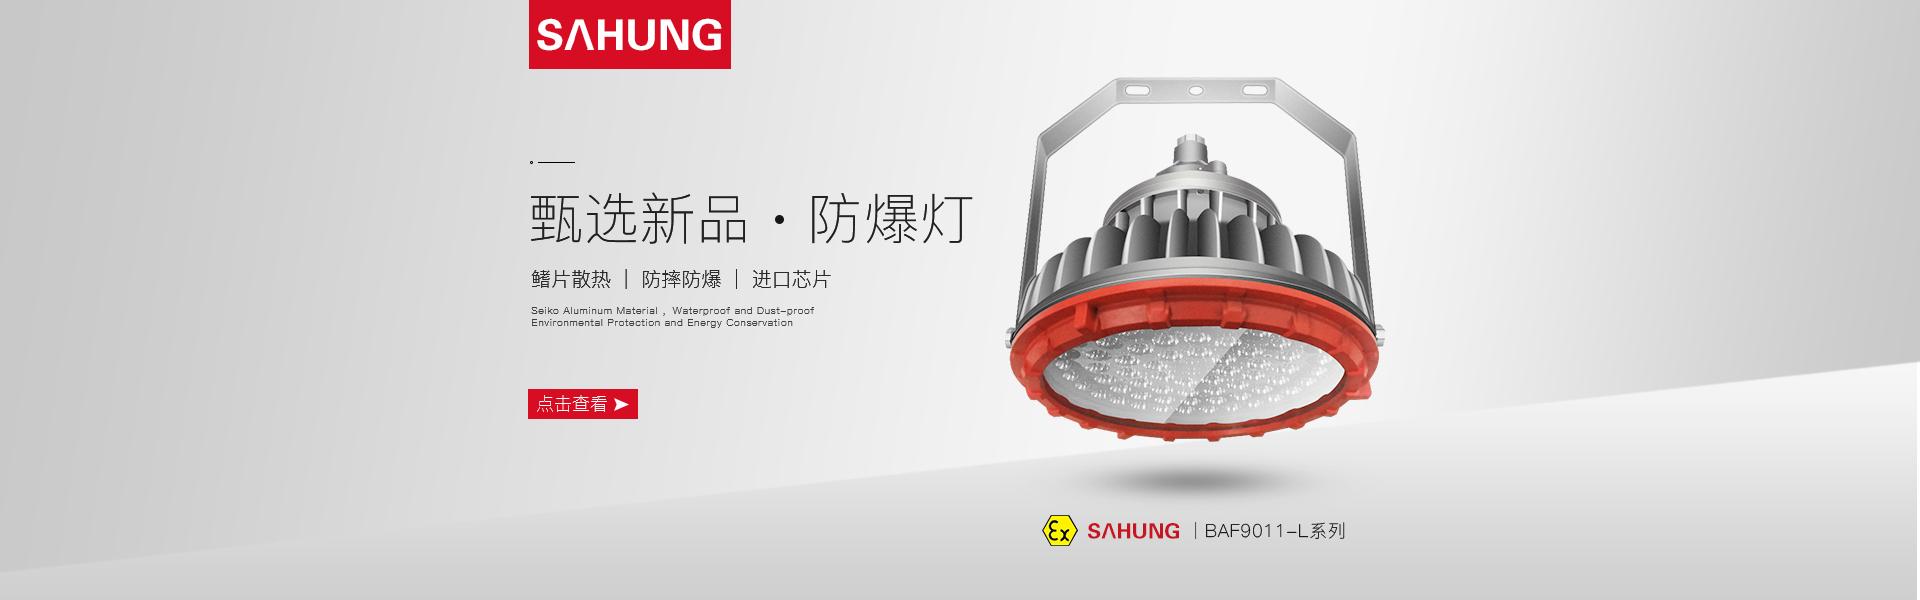 防爆燈,LED防爆燈